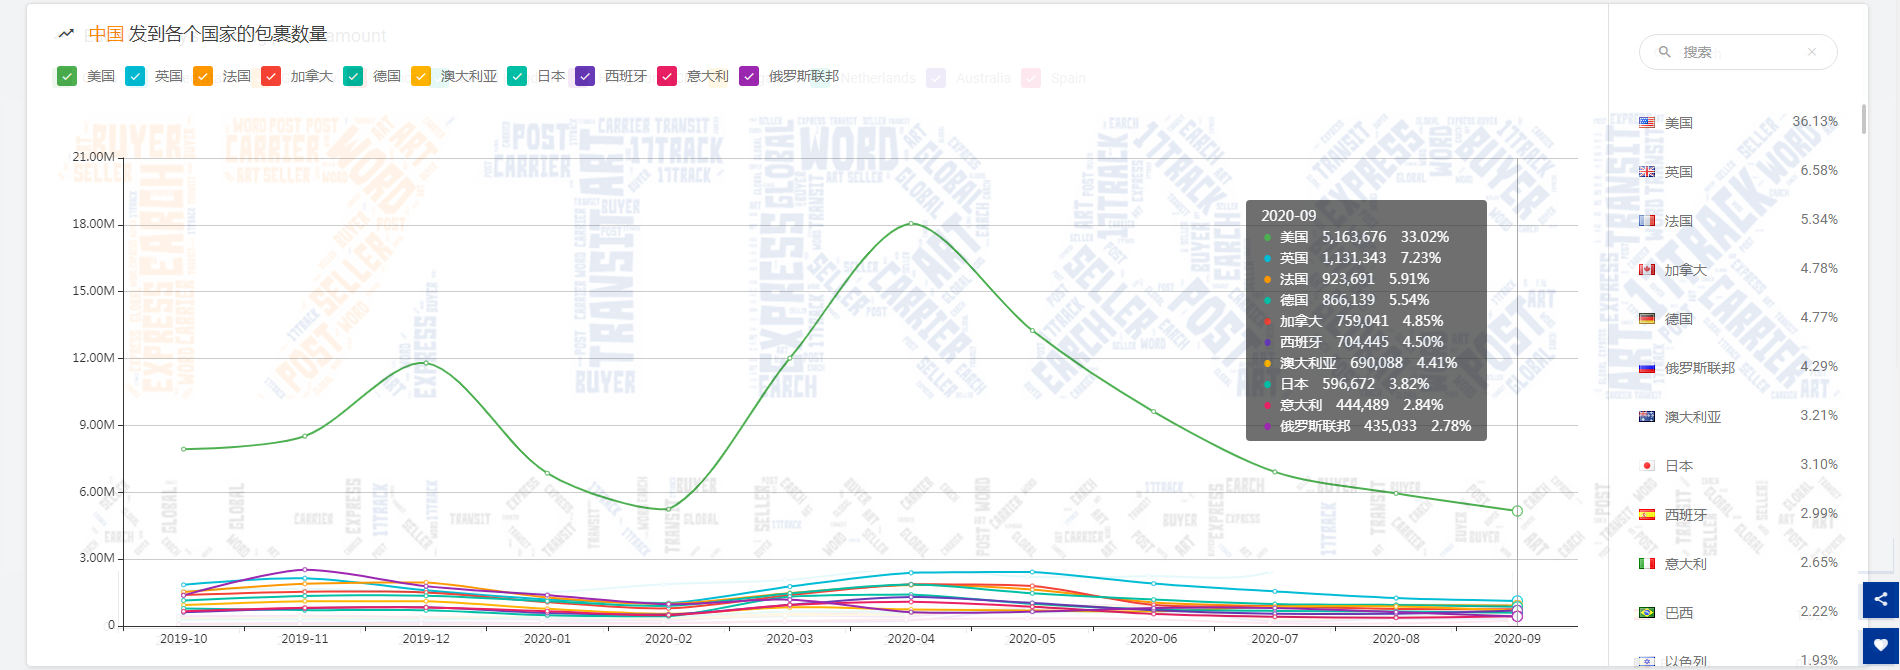 9月全球包裹同比减少11.63%!欧洲疫情迎来第二波侵袭,经济学家估计……